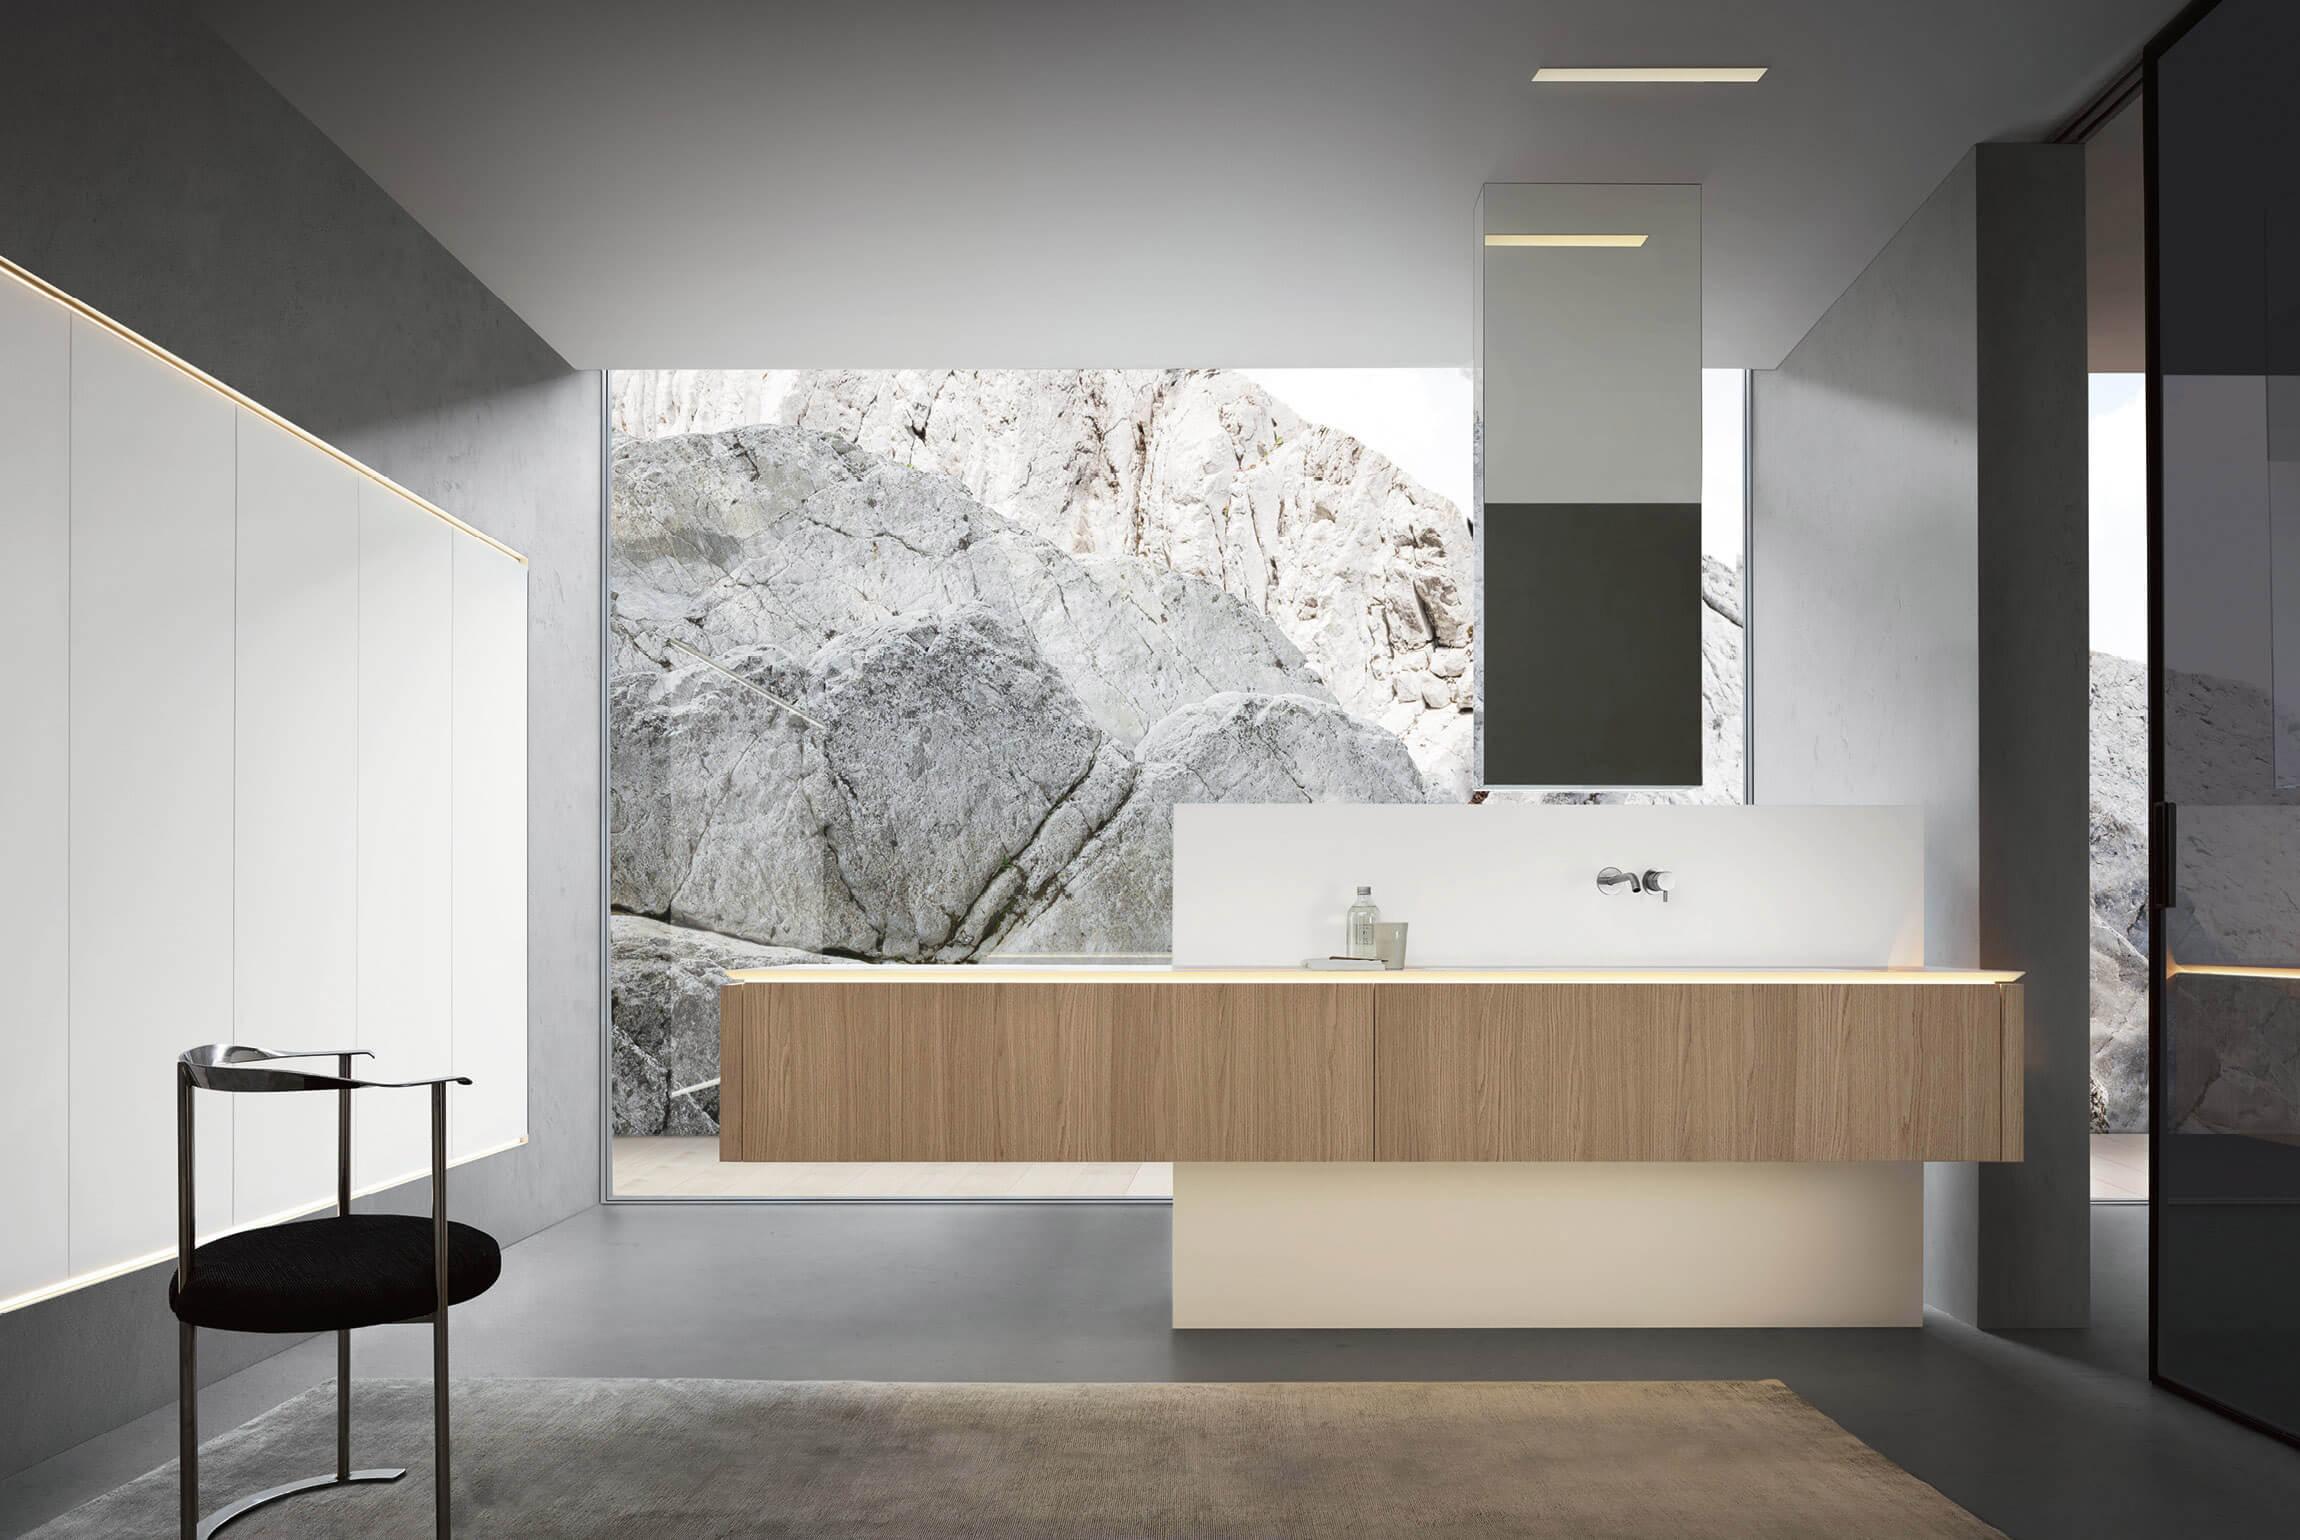 Badmöbel von Milldue zum verlieben - exklusiver Zugang zum Design